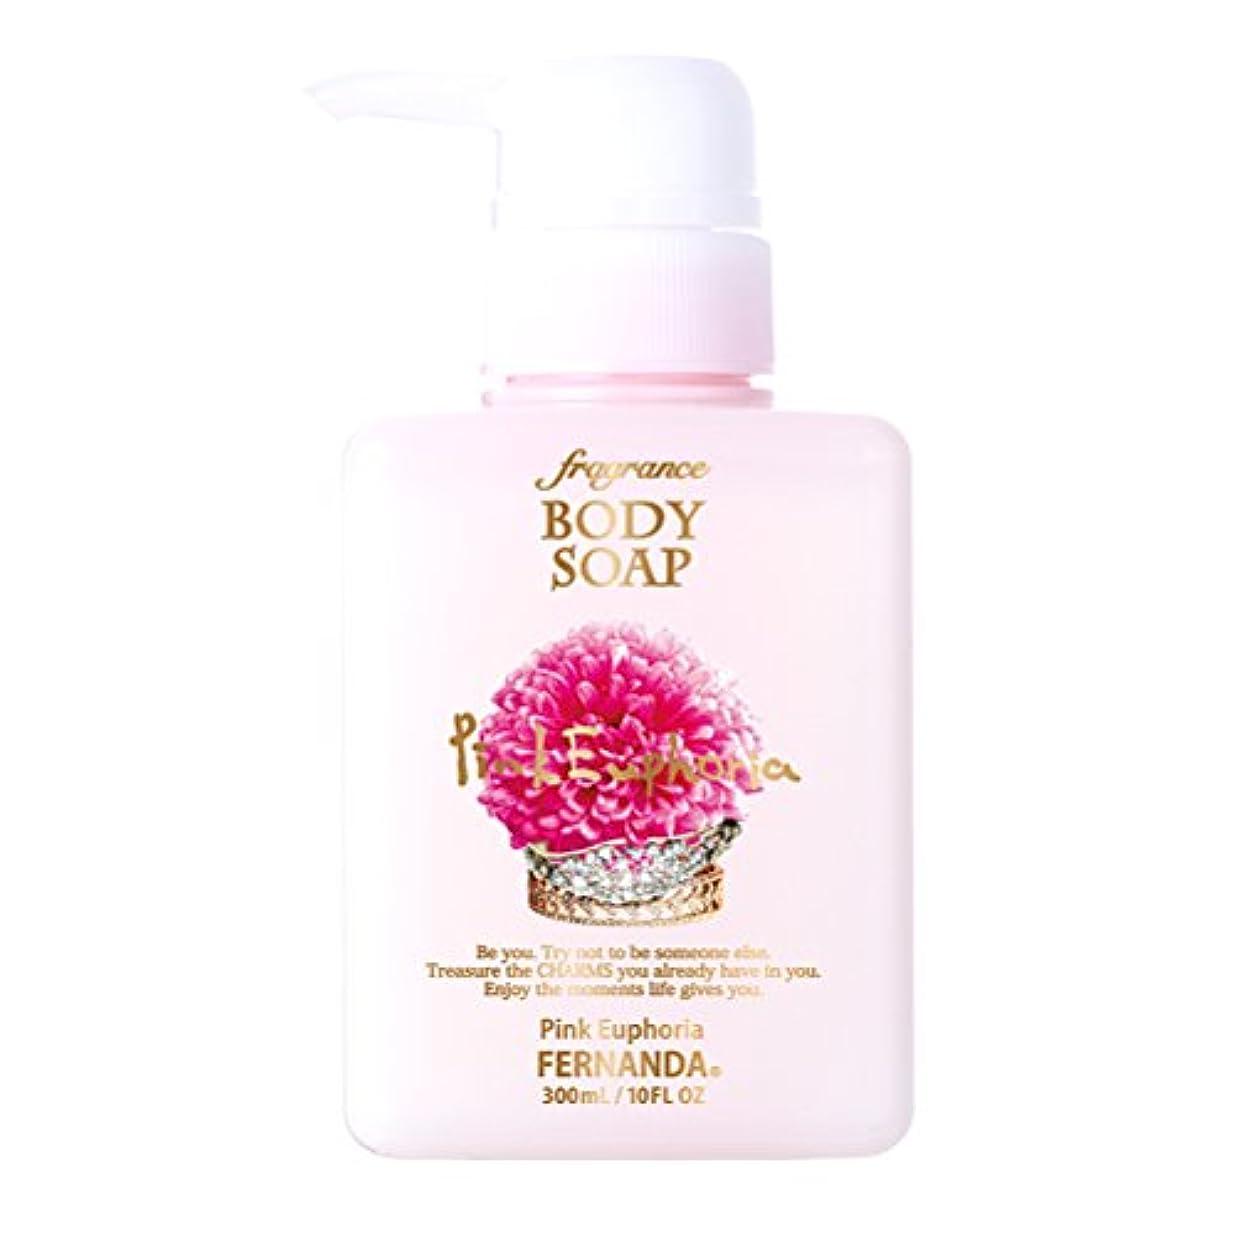 環境に優しい生有名人FERNANDA(フェルナンダ) Fragrance Body Soap Pink Euphoria (ボディソープ ピンクエウフォリア)